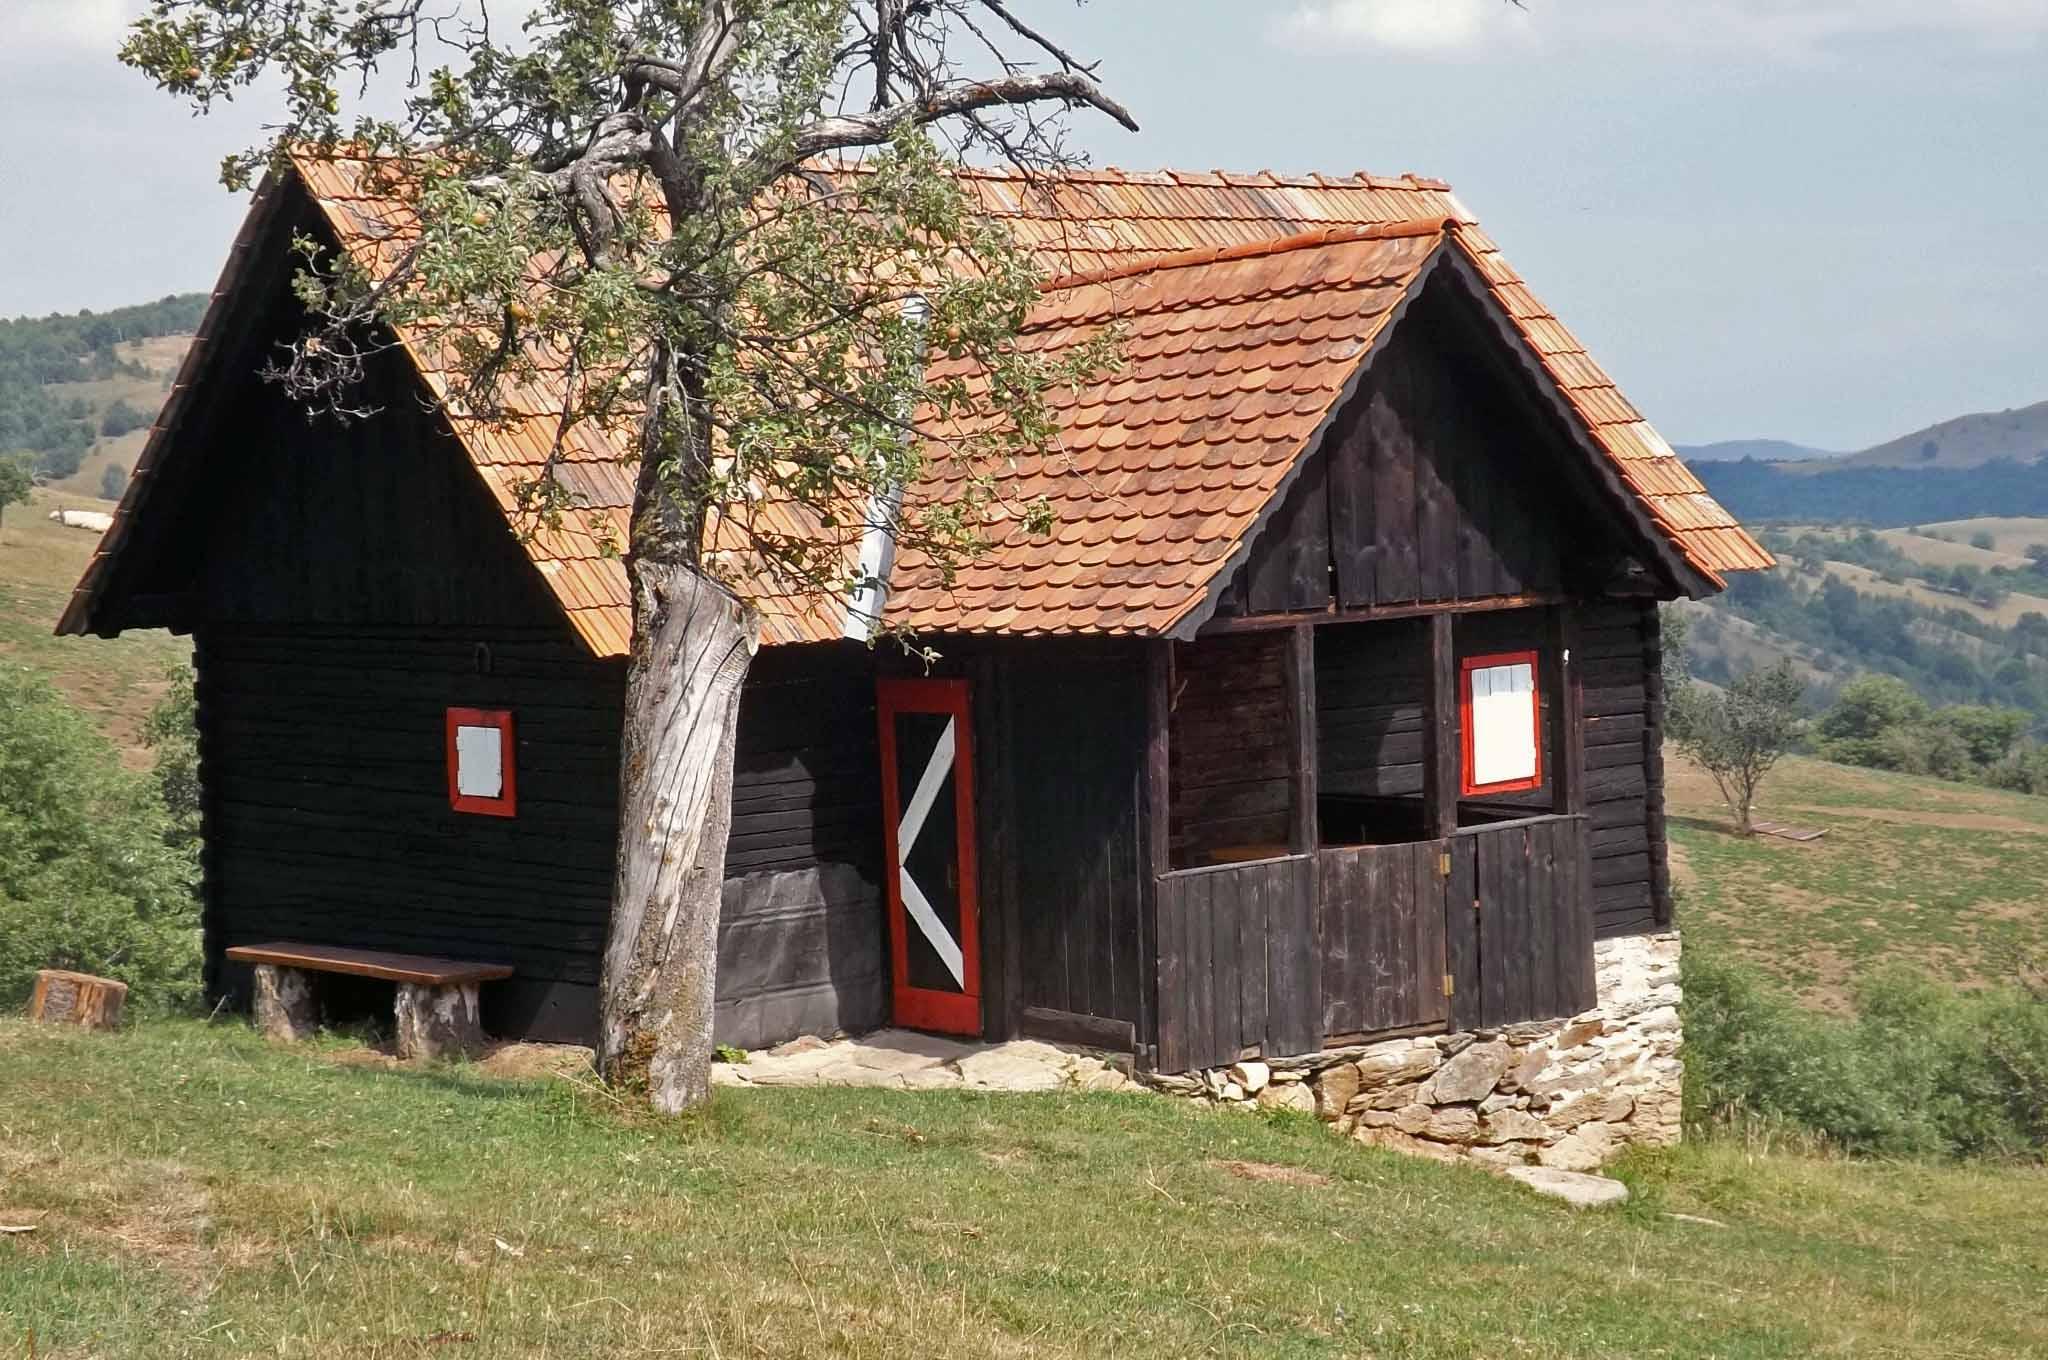 casa blockhaus rumänien mieten von privat für selbstversorger hüttenurlaub in siebenbürgen